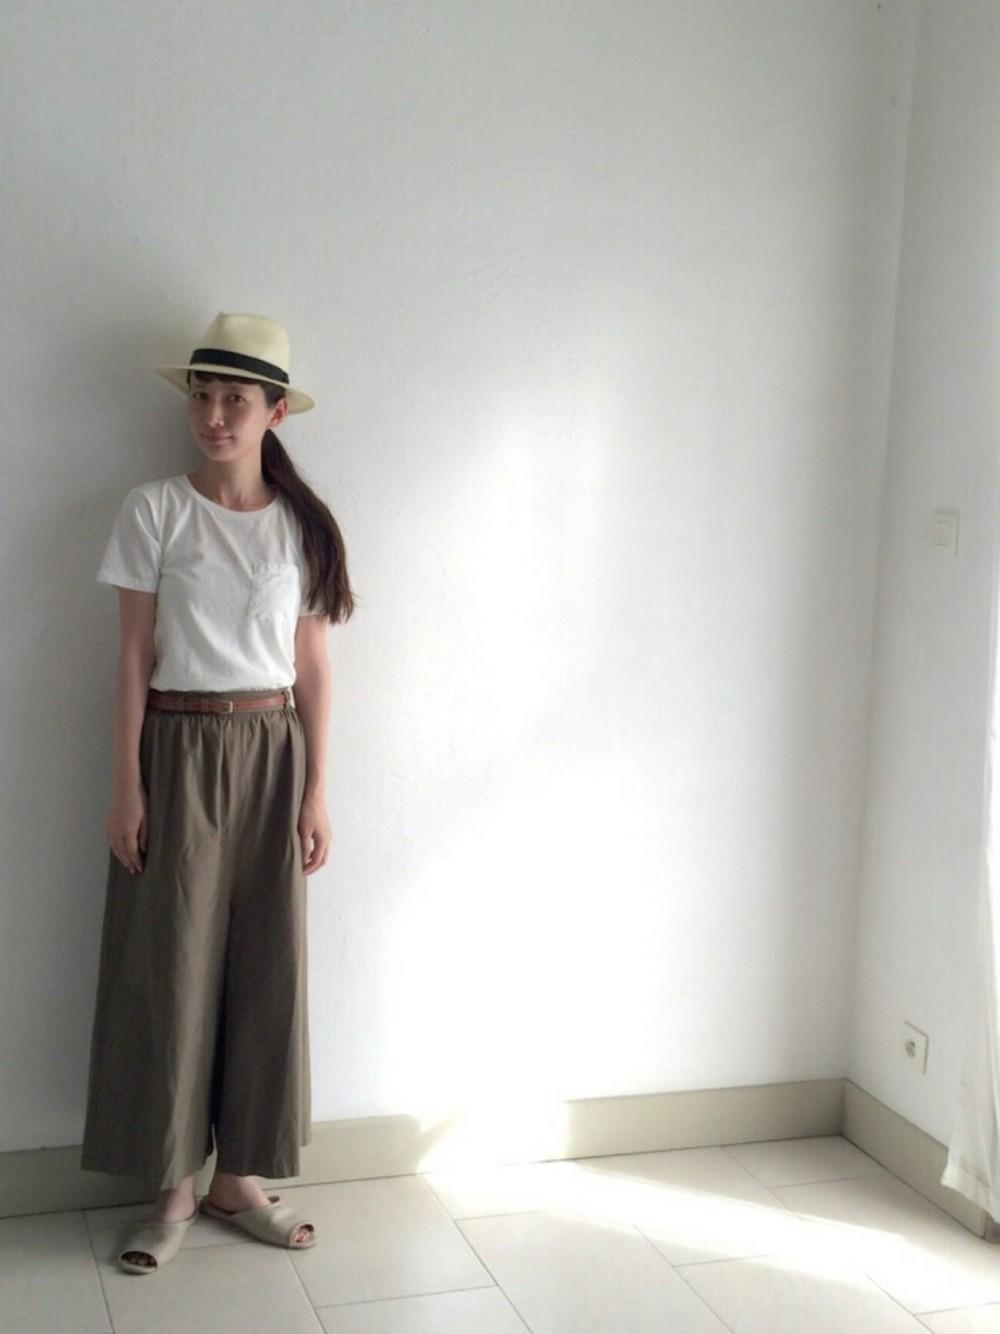 Tシャツ&パンツの素材感が優しさの漂うスタイルに。落ち着いた大人カジュアルコーディネートです。